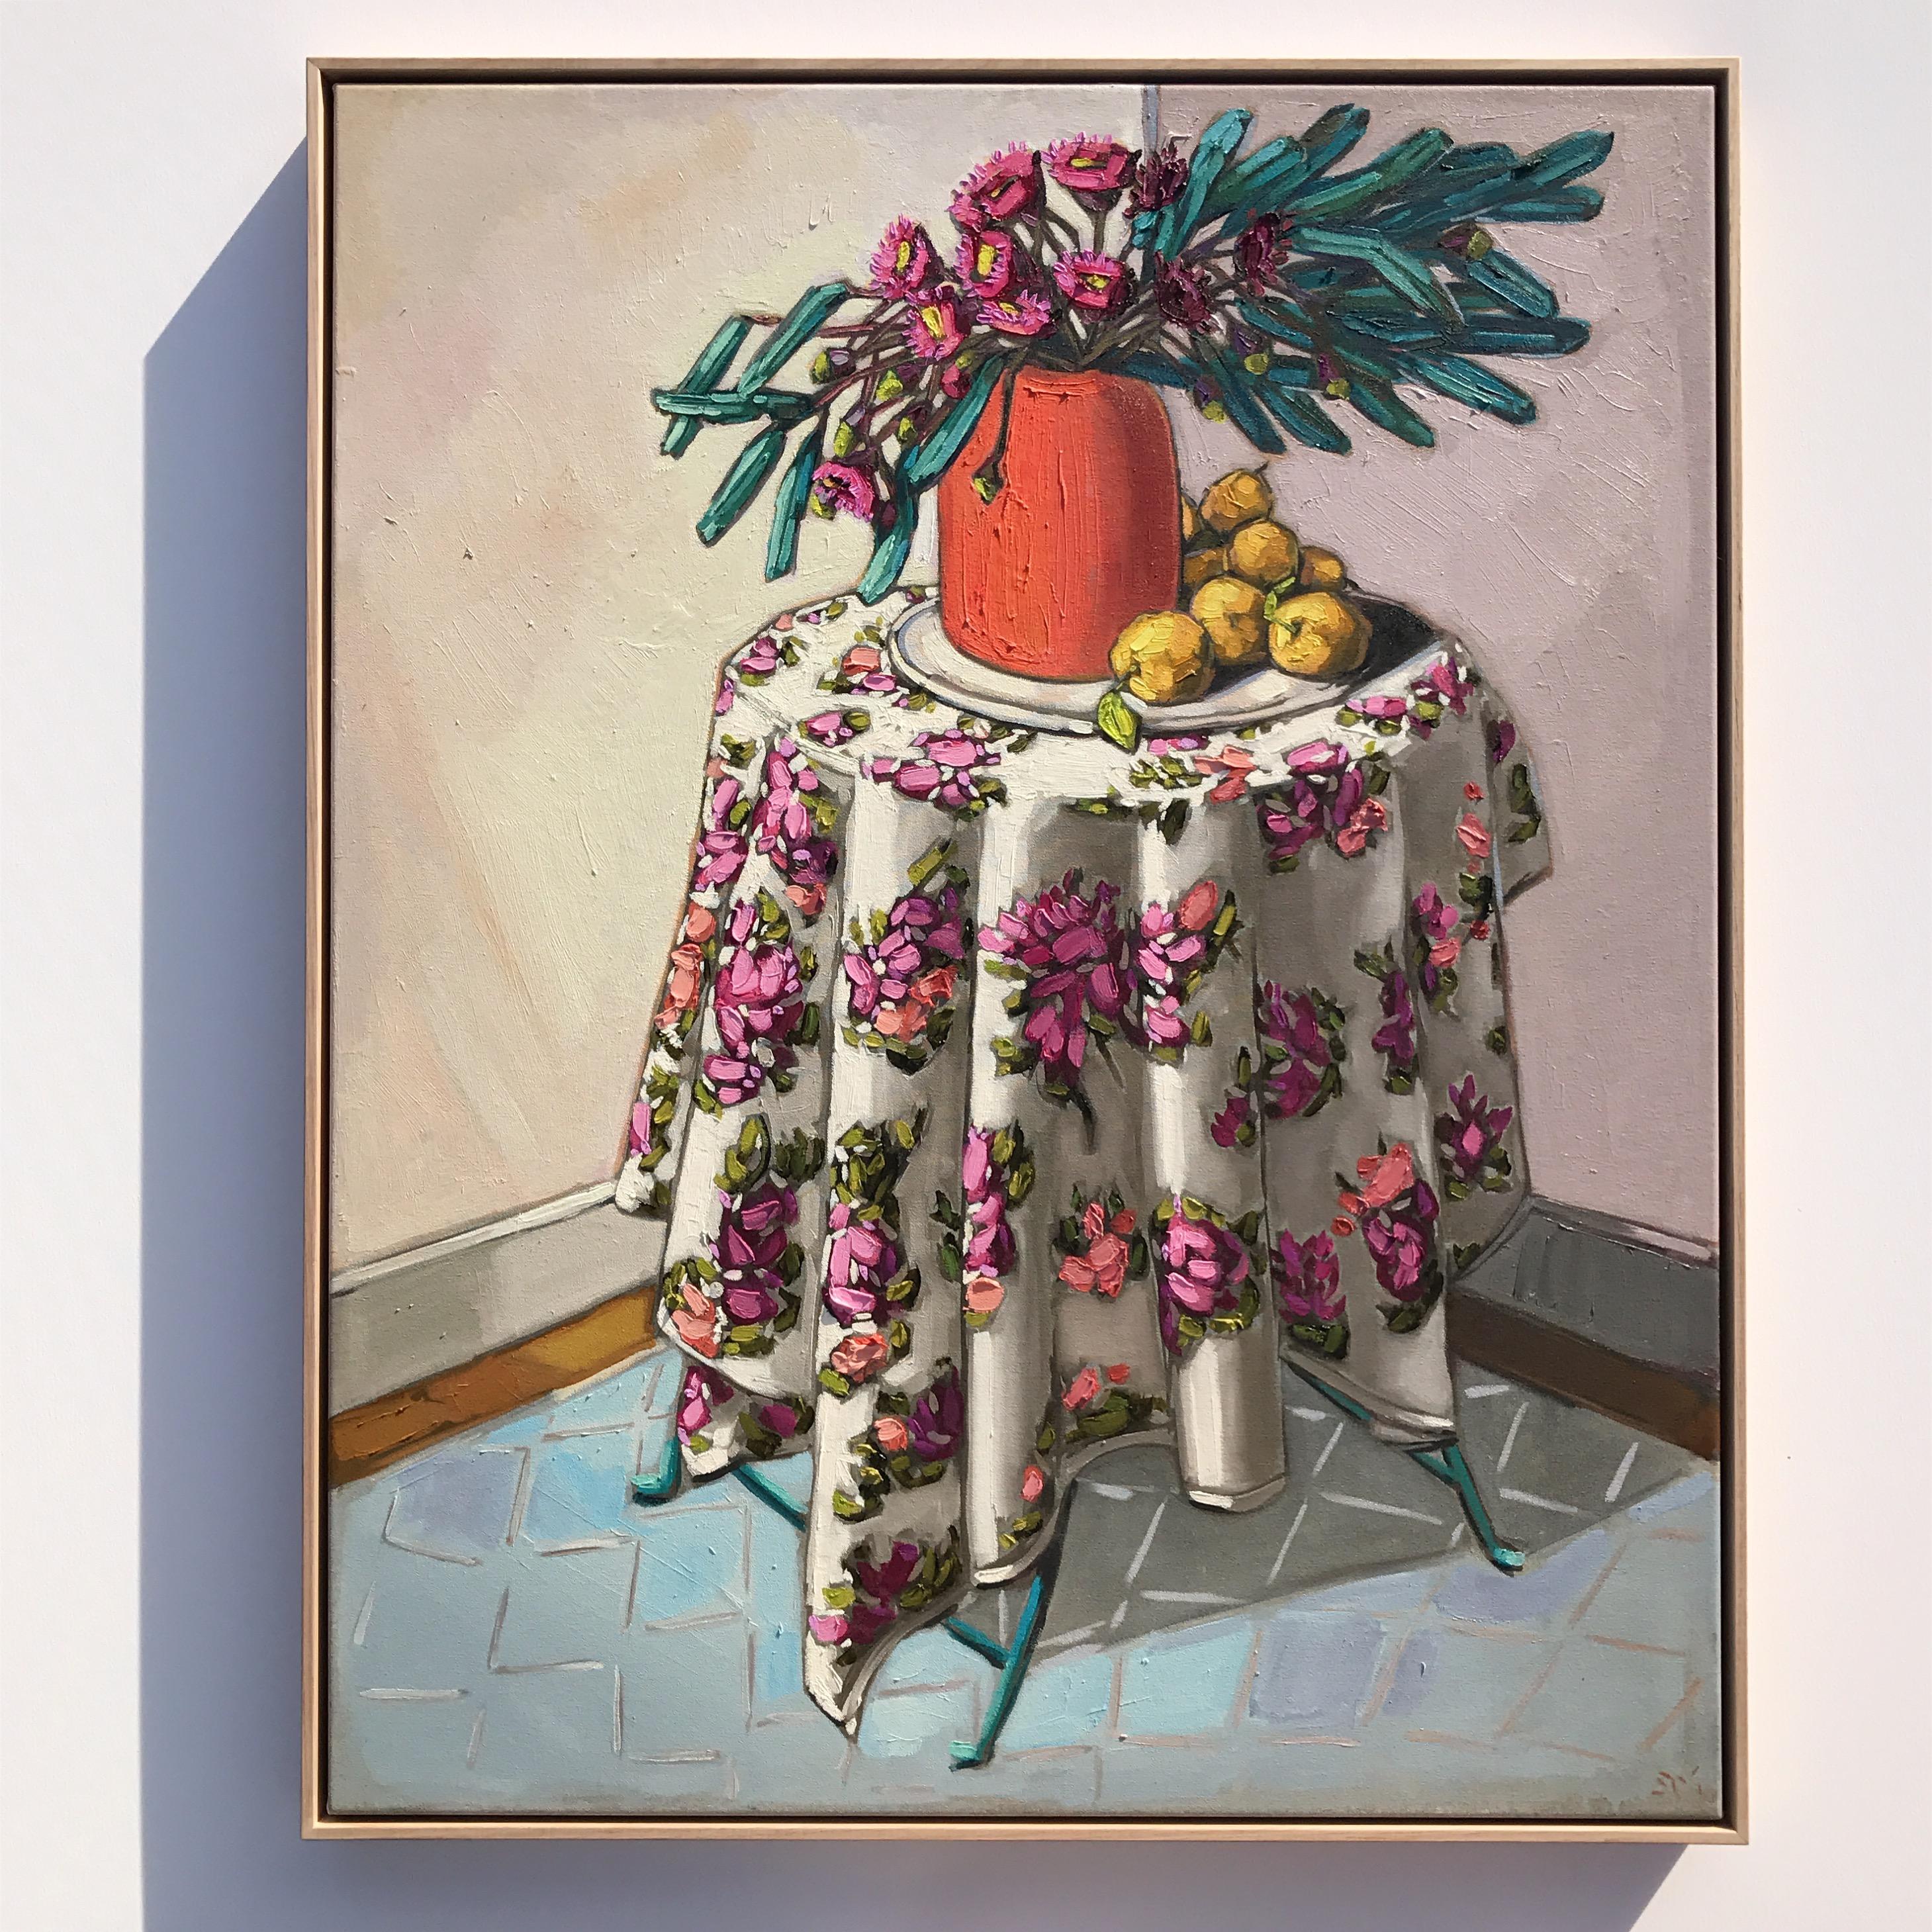 07_17 'Lemons & Cloth' 103x83cm $2,695